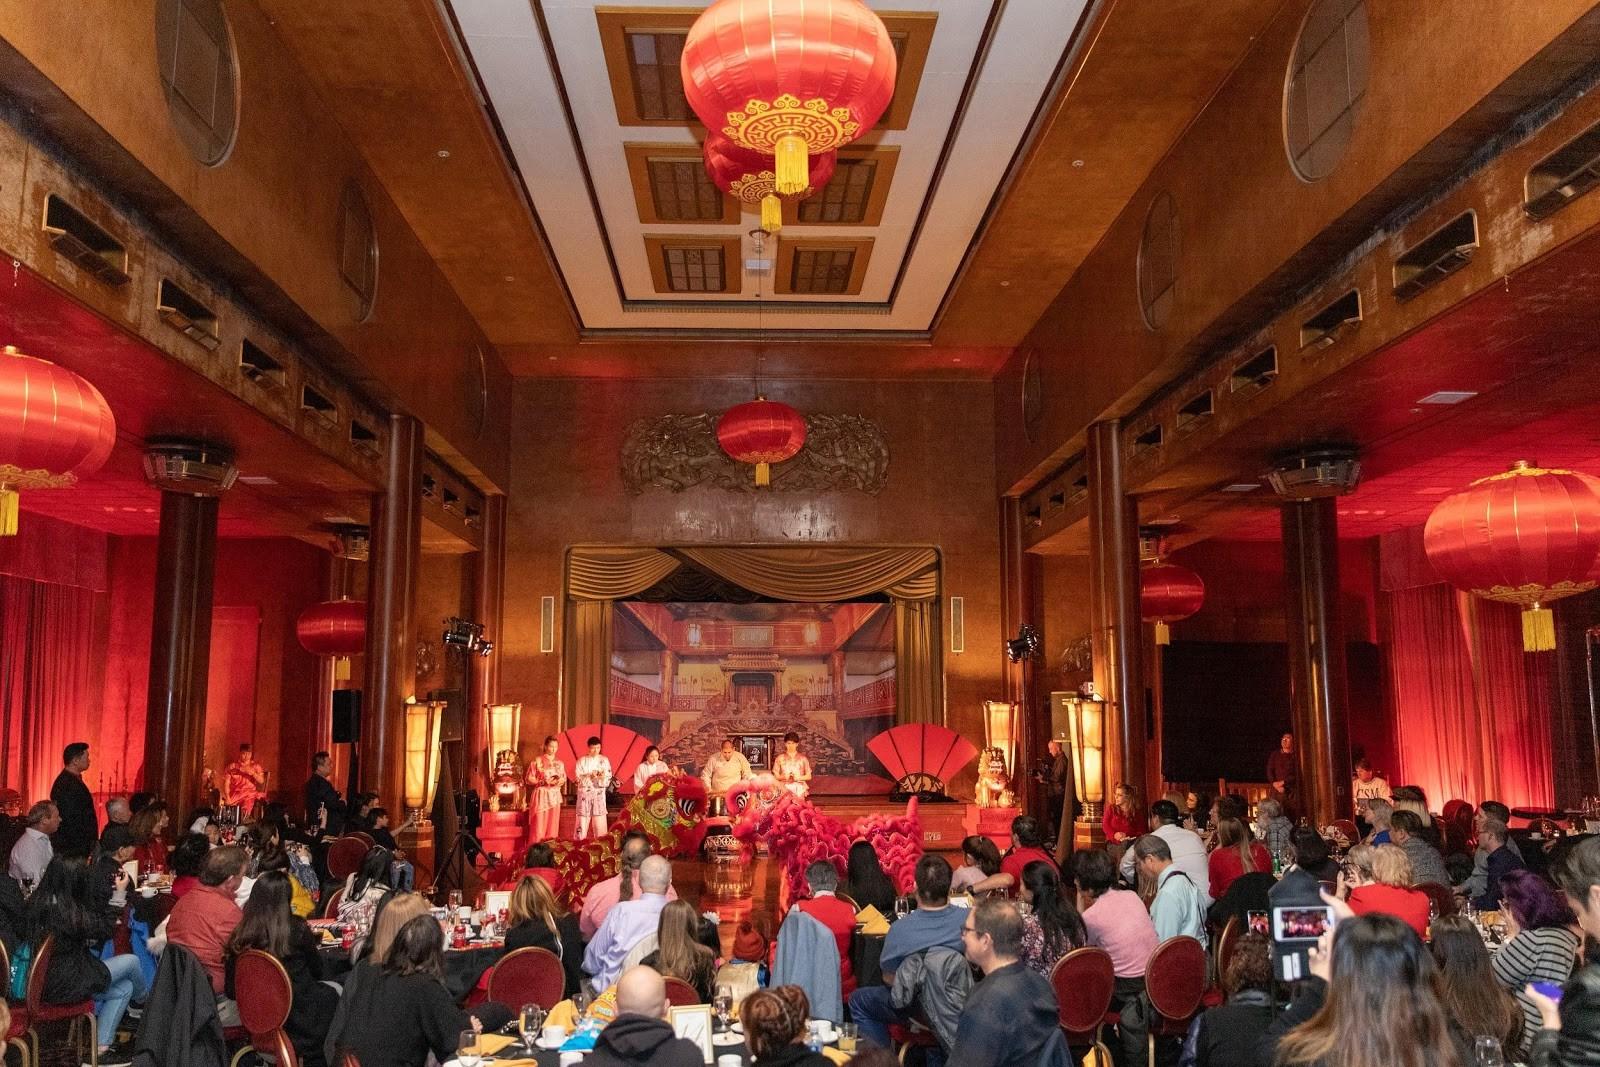 瑪麗皇后號郵輪上的精彩的中國傳統文化表演。 (瑪麗皇后號提供)